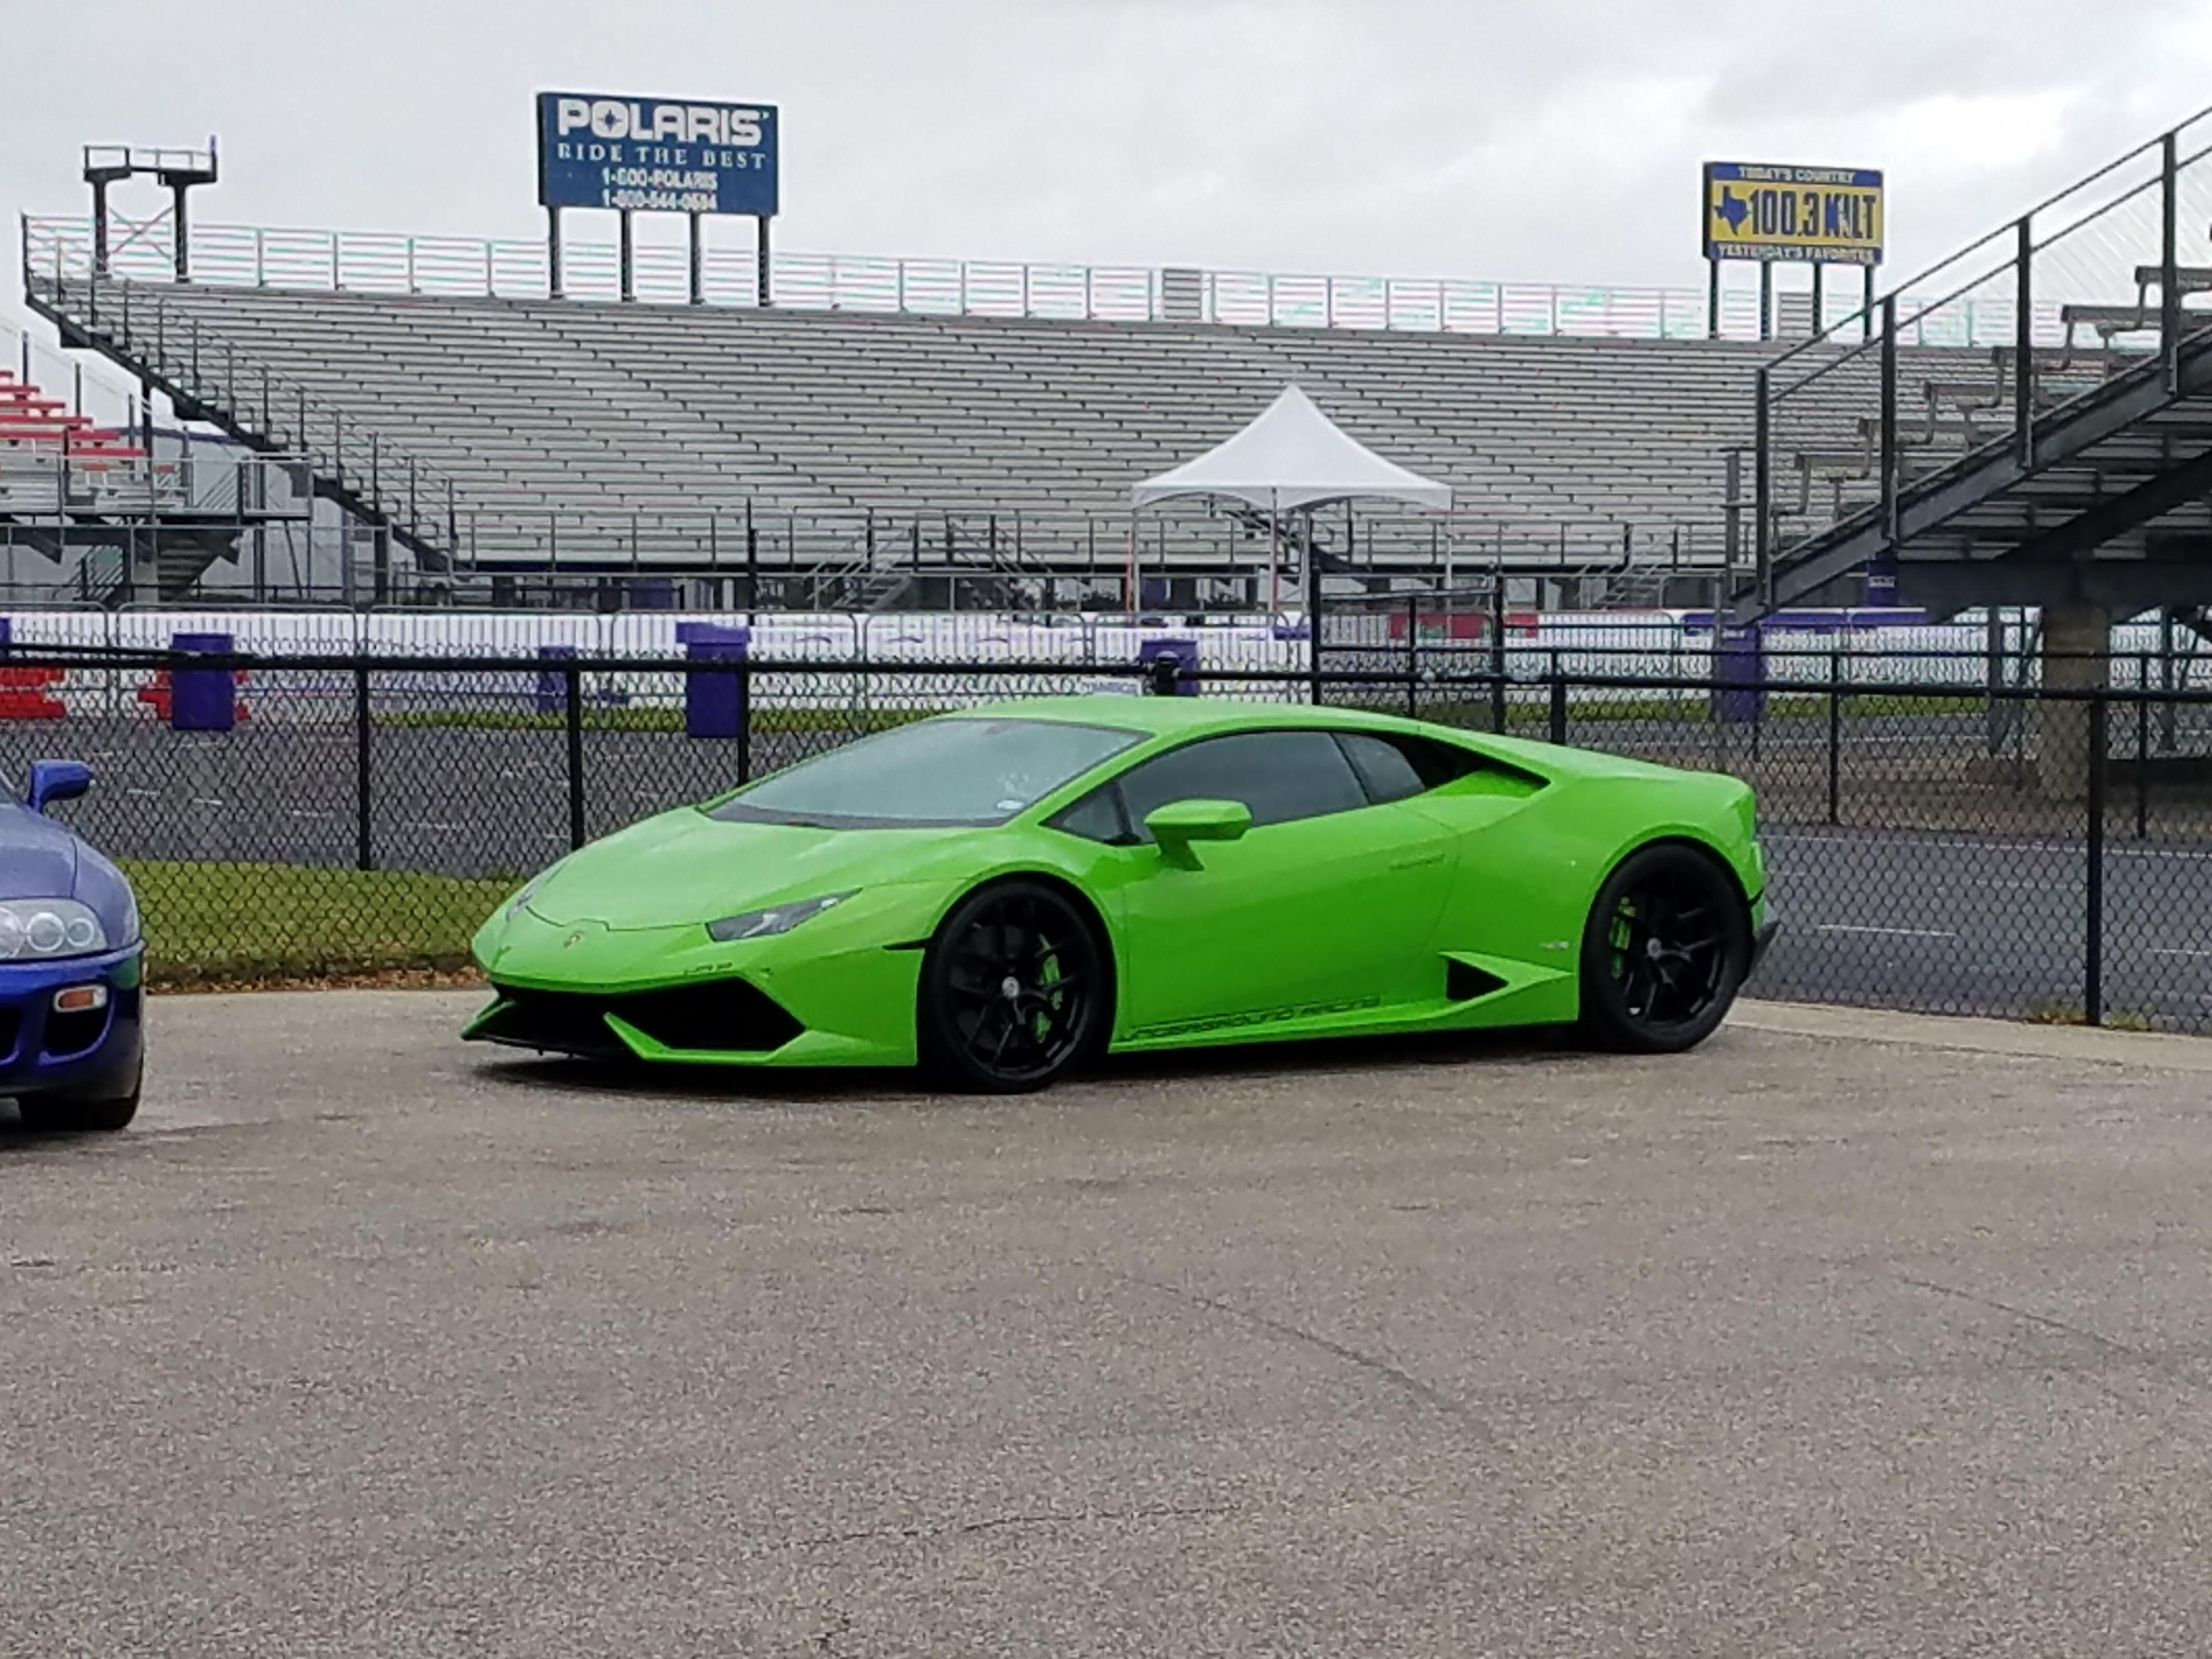 Lamborghini Tx2k17 Www Enginemats Com Race Tx2k17 Race Dragrace Turbo Awd Supercar Drag Racing Super Cars Awd